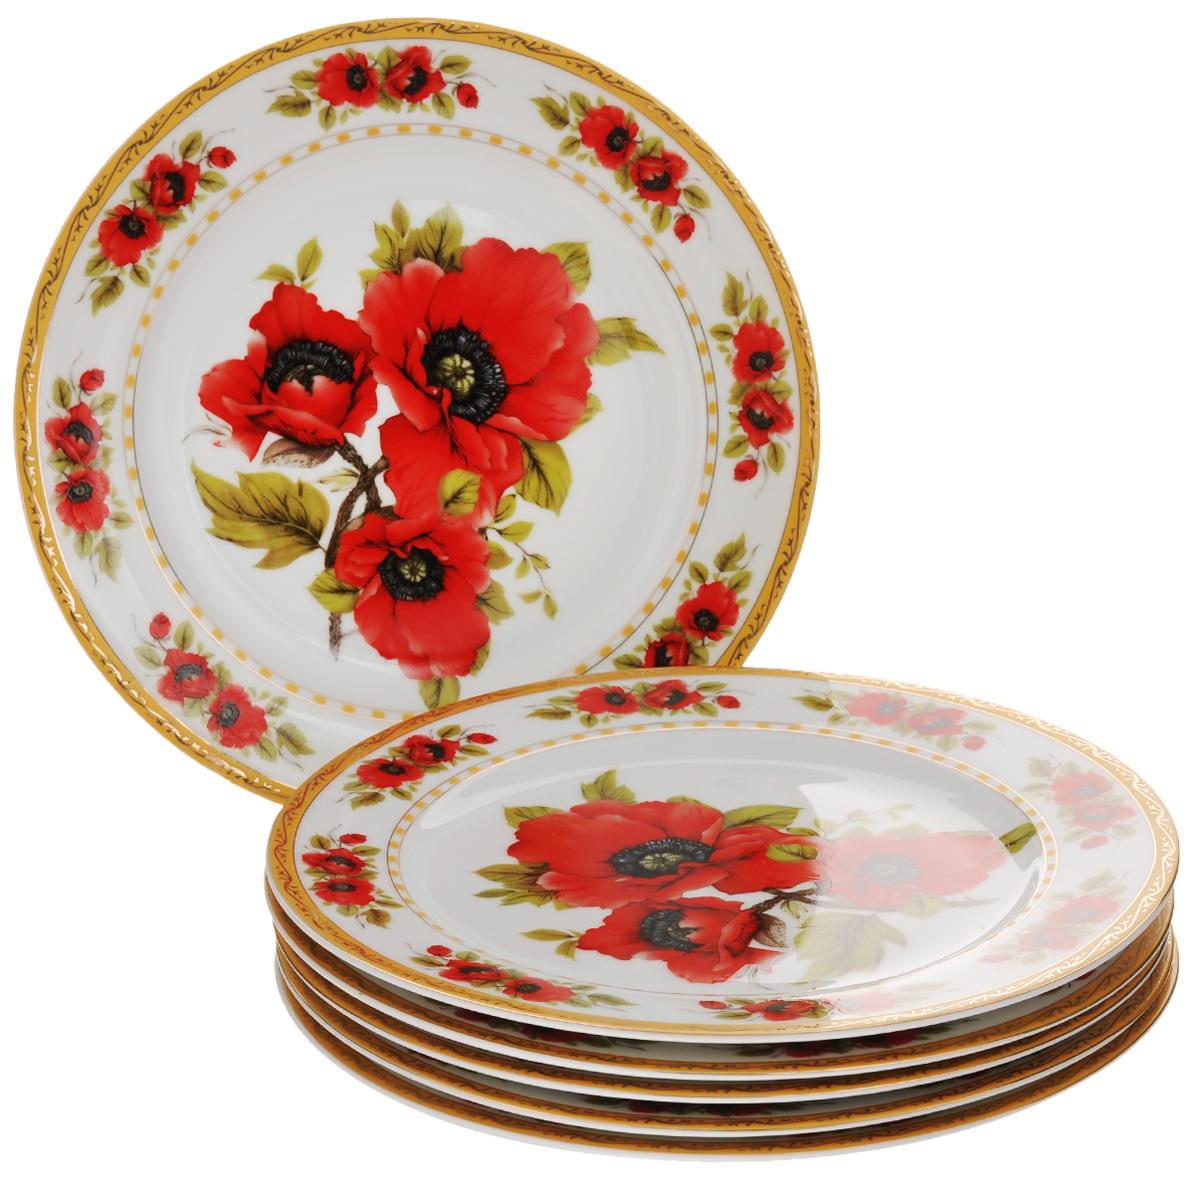 Набор обеденных тарелок Elan Gallery Маки, диаметр 23 см, 6 шт503620Набор Elan Gallery Маки состоит из 6 обеденных тарелок, выполненных из высококачественной керамики. Изделия предназначены для красивой сервировки различных блюд и украшены цветочным рисунком. Набор сочетает в себе стильный дизайн с максимальной функциональностью. Оригинальность оформления придется по вкусу и ценителям классики, и тем, кто предпочитает утонченность и изящность. Не использовать в микроволновой печи. Диаметр тарелки (по верхнему краю): 23 см. Высота тарелки: 1,7 см.